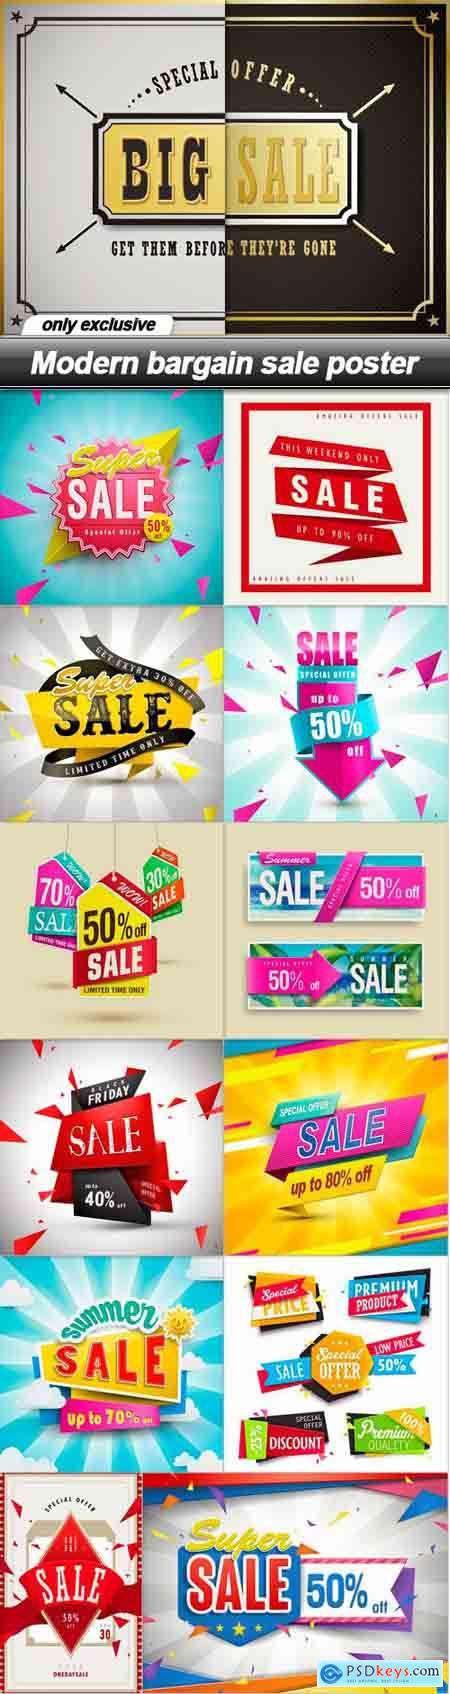 Modern bargain sale poster - 13 EPS